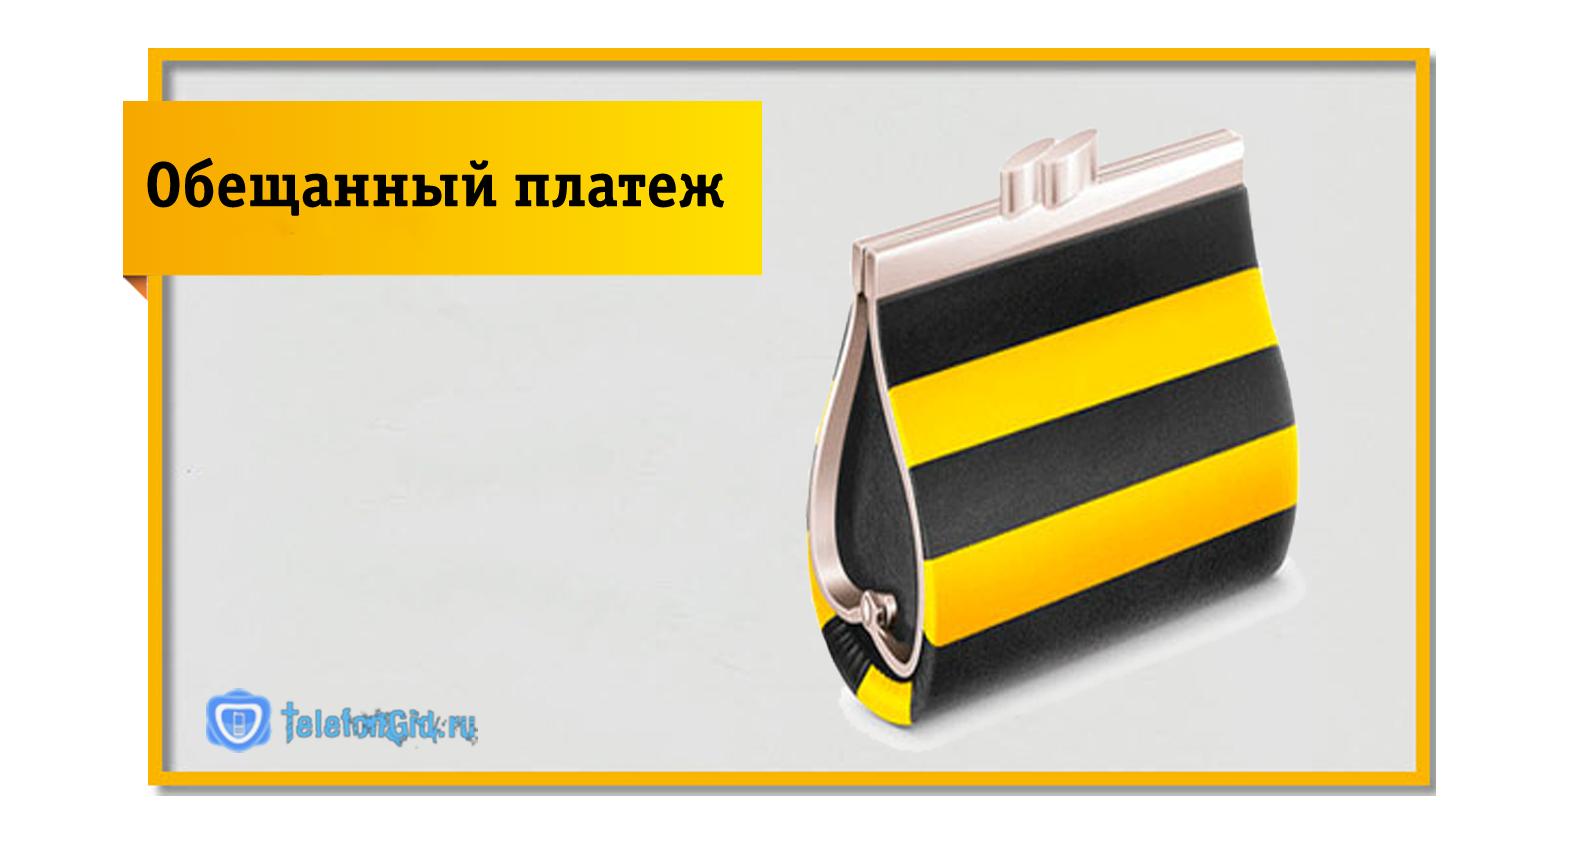 кредитная карта аэрофлот альфа банк отзывы